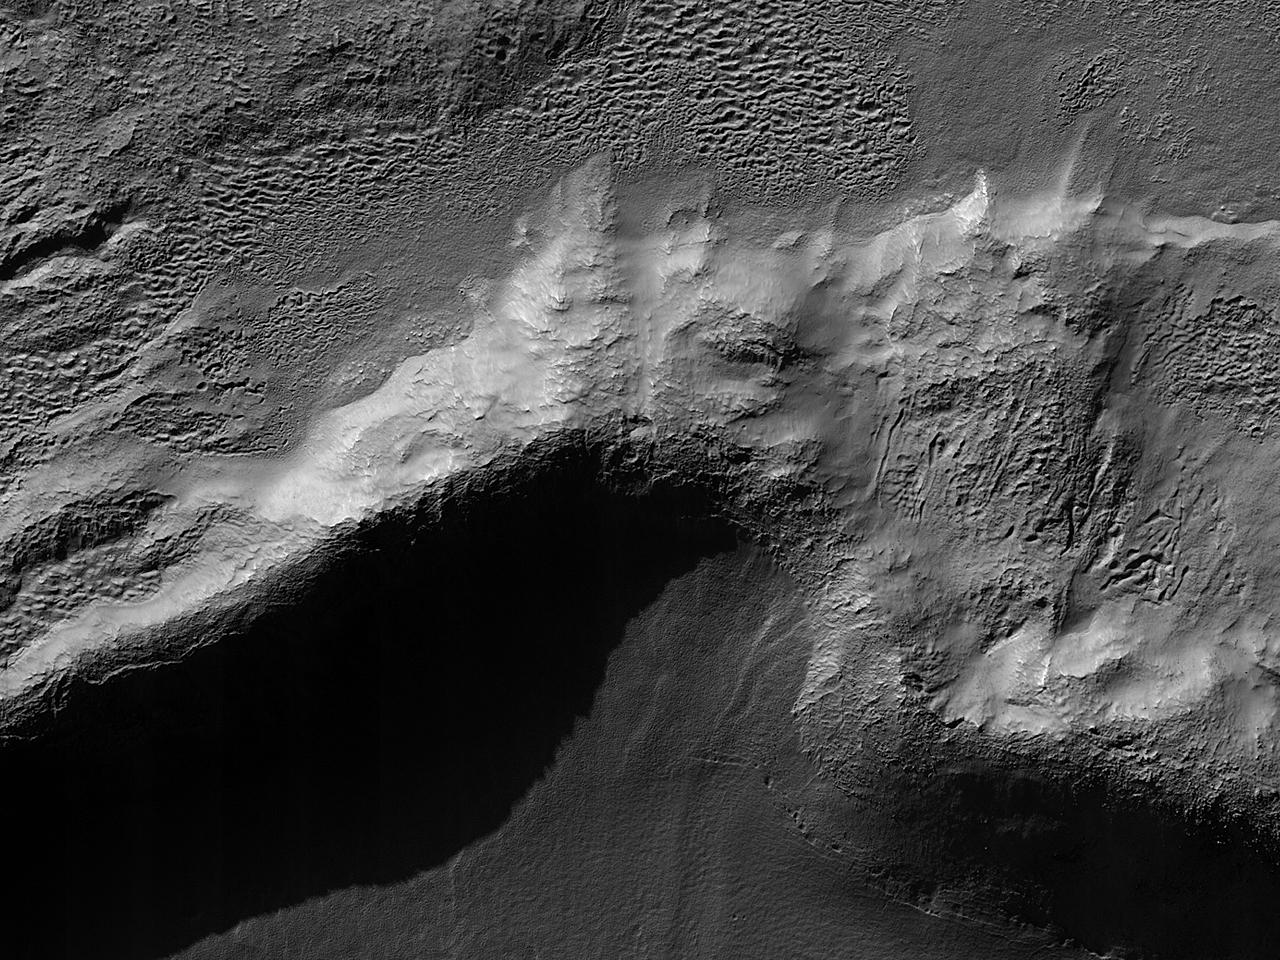 Godt bevart krater med lag av ejekta